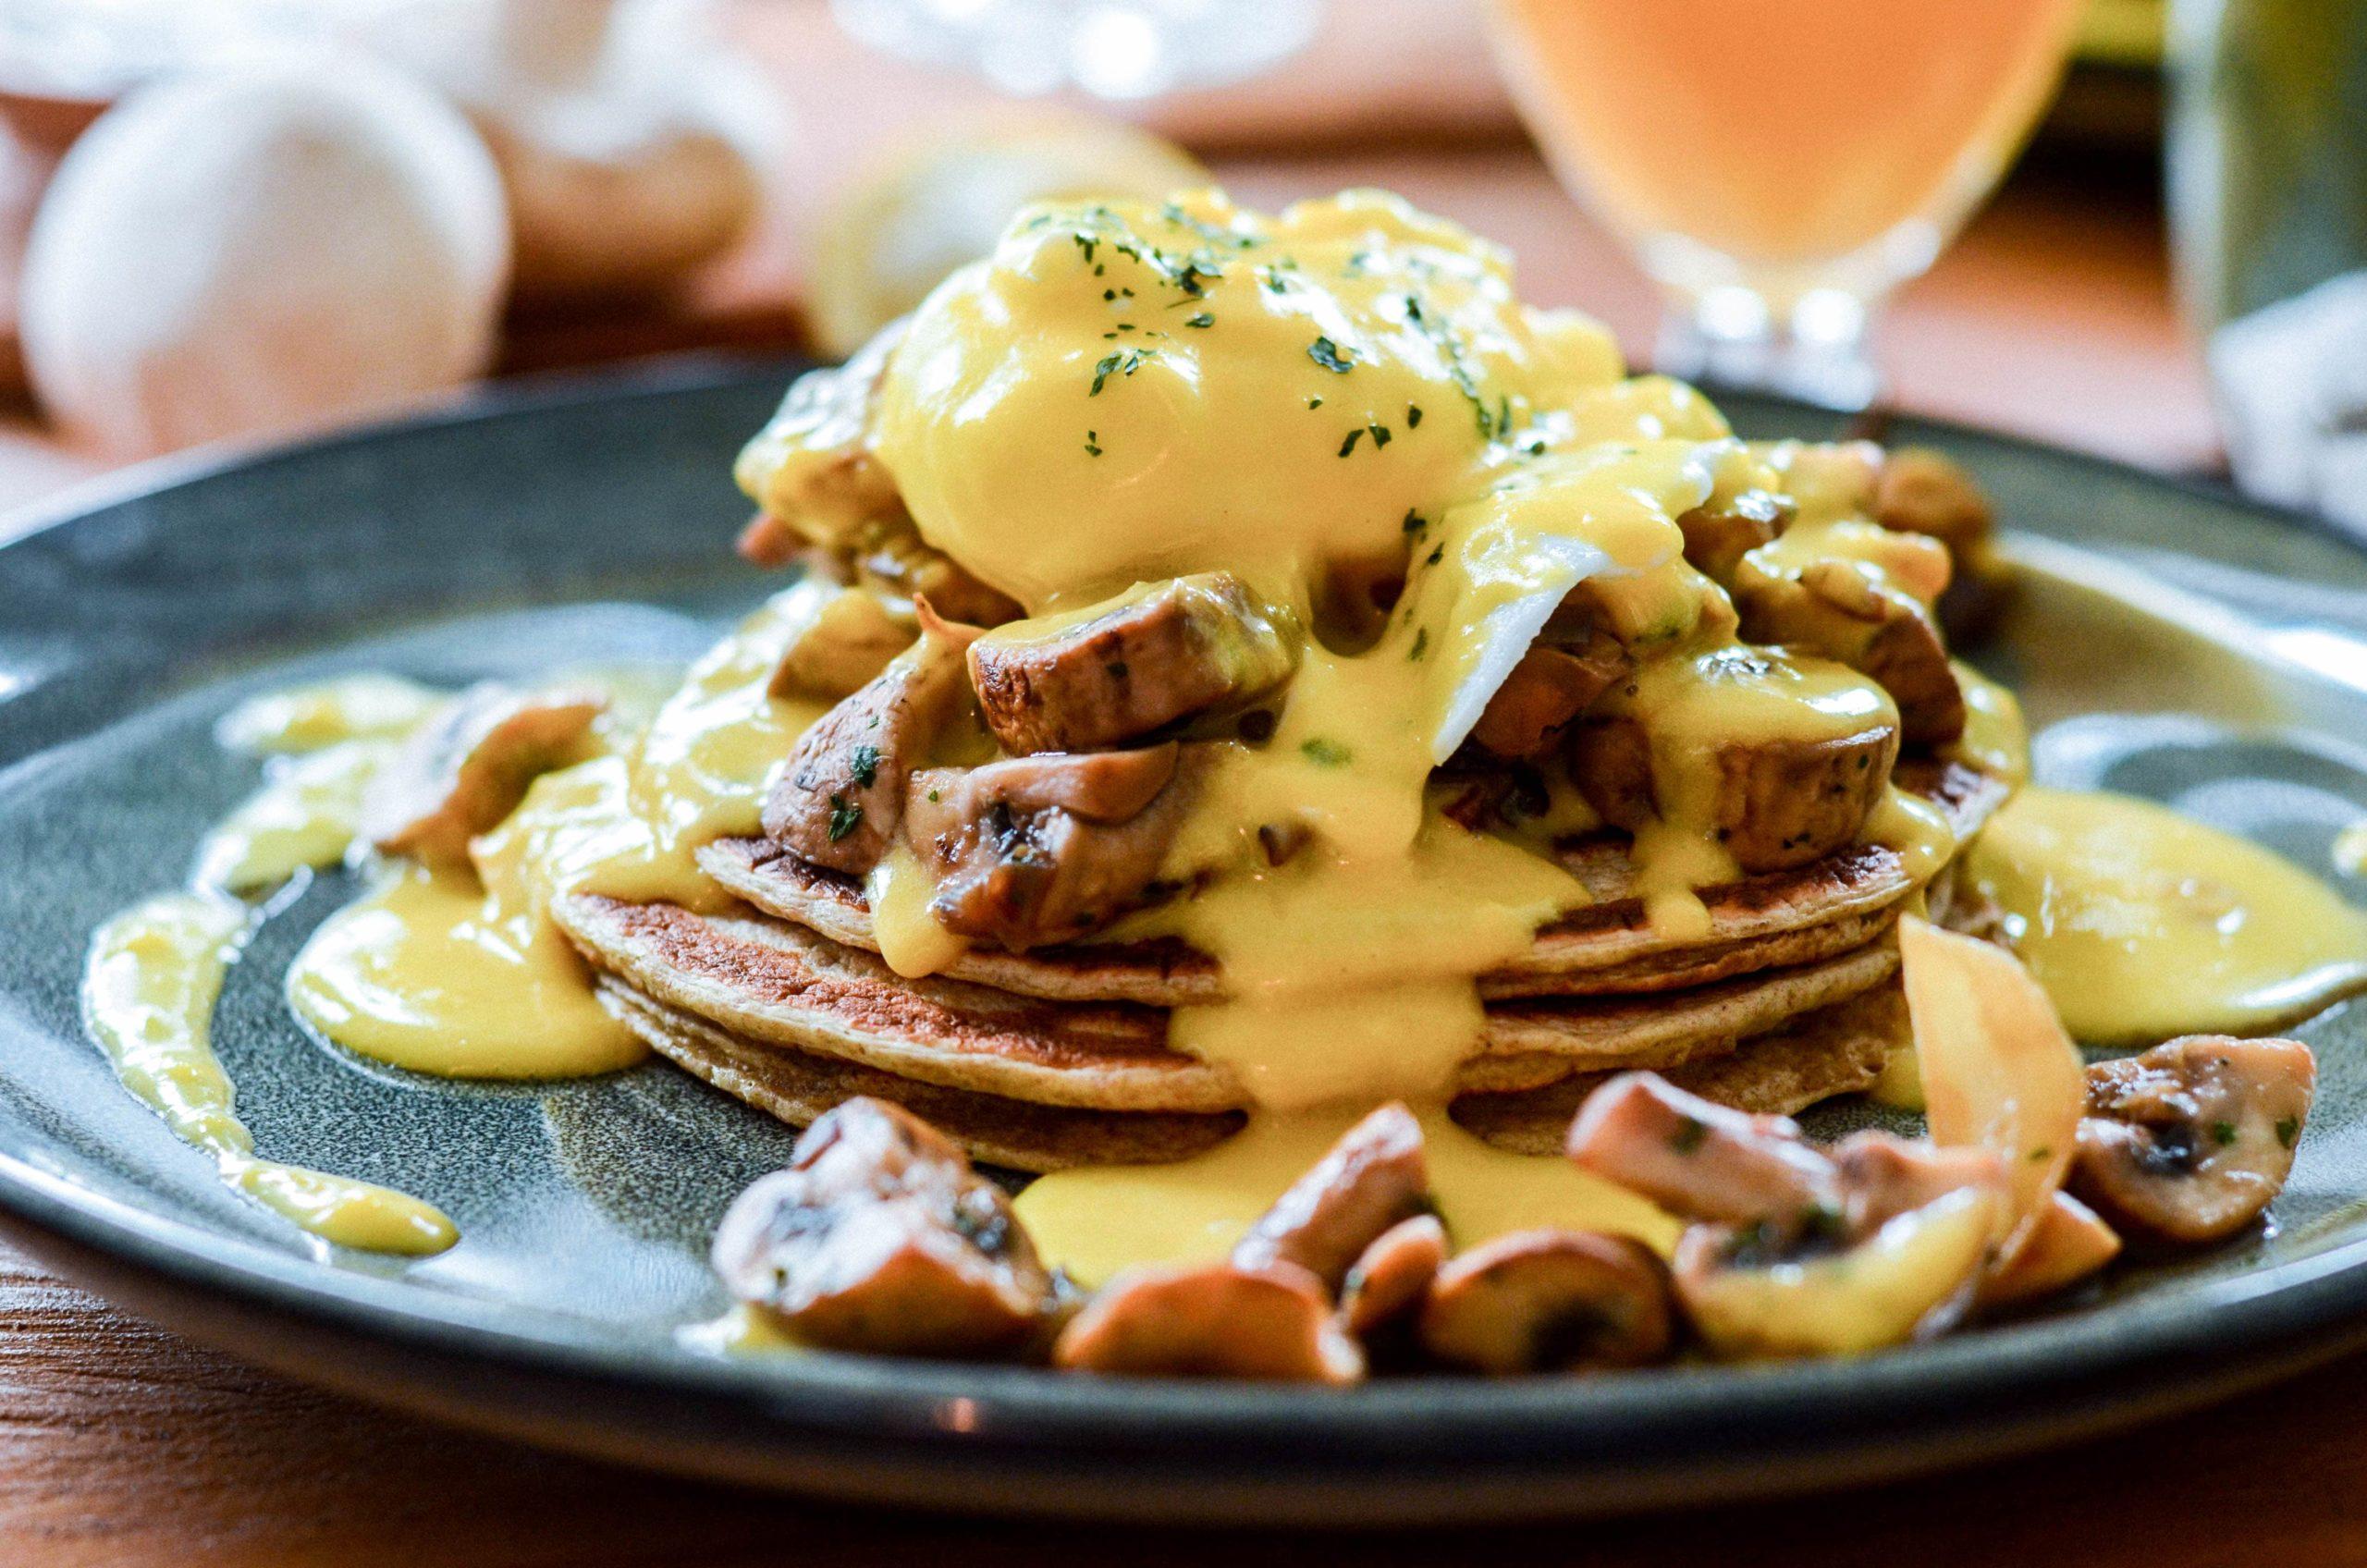 Brunch : Oeuf Bénédicte sur pancake